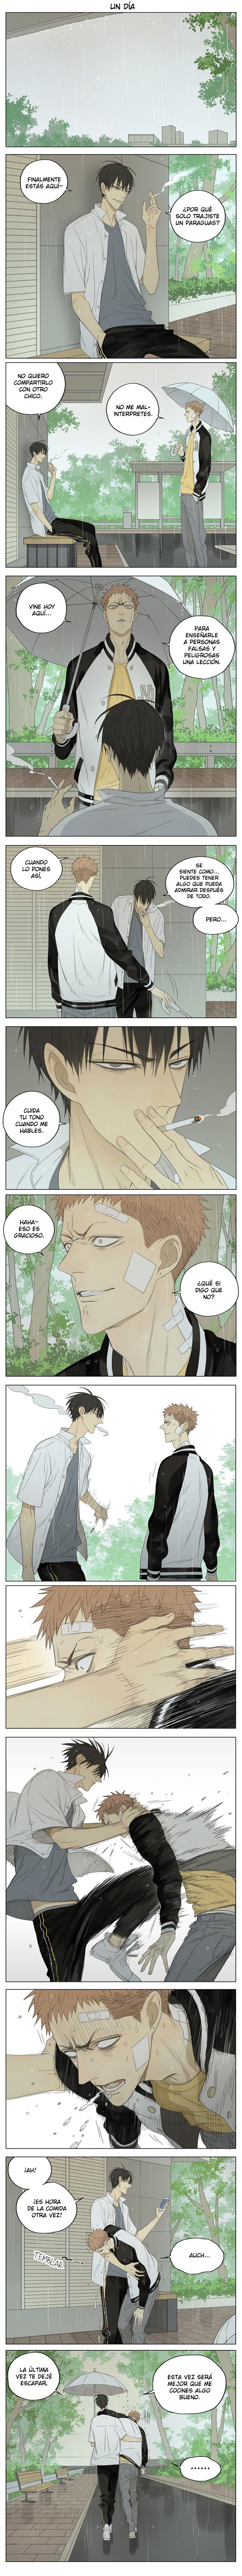 https://c5.ninemanga.com/es_manga/7/15943/435315/622fac6672b22484fe7fe74244a606e0.jpg Page 2